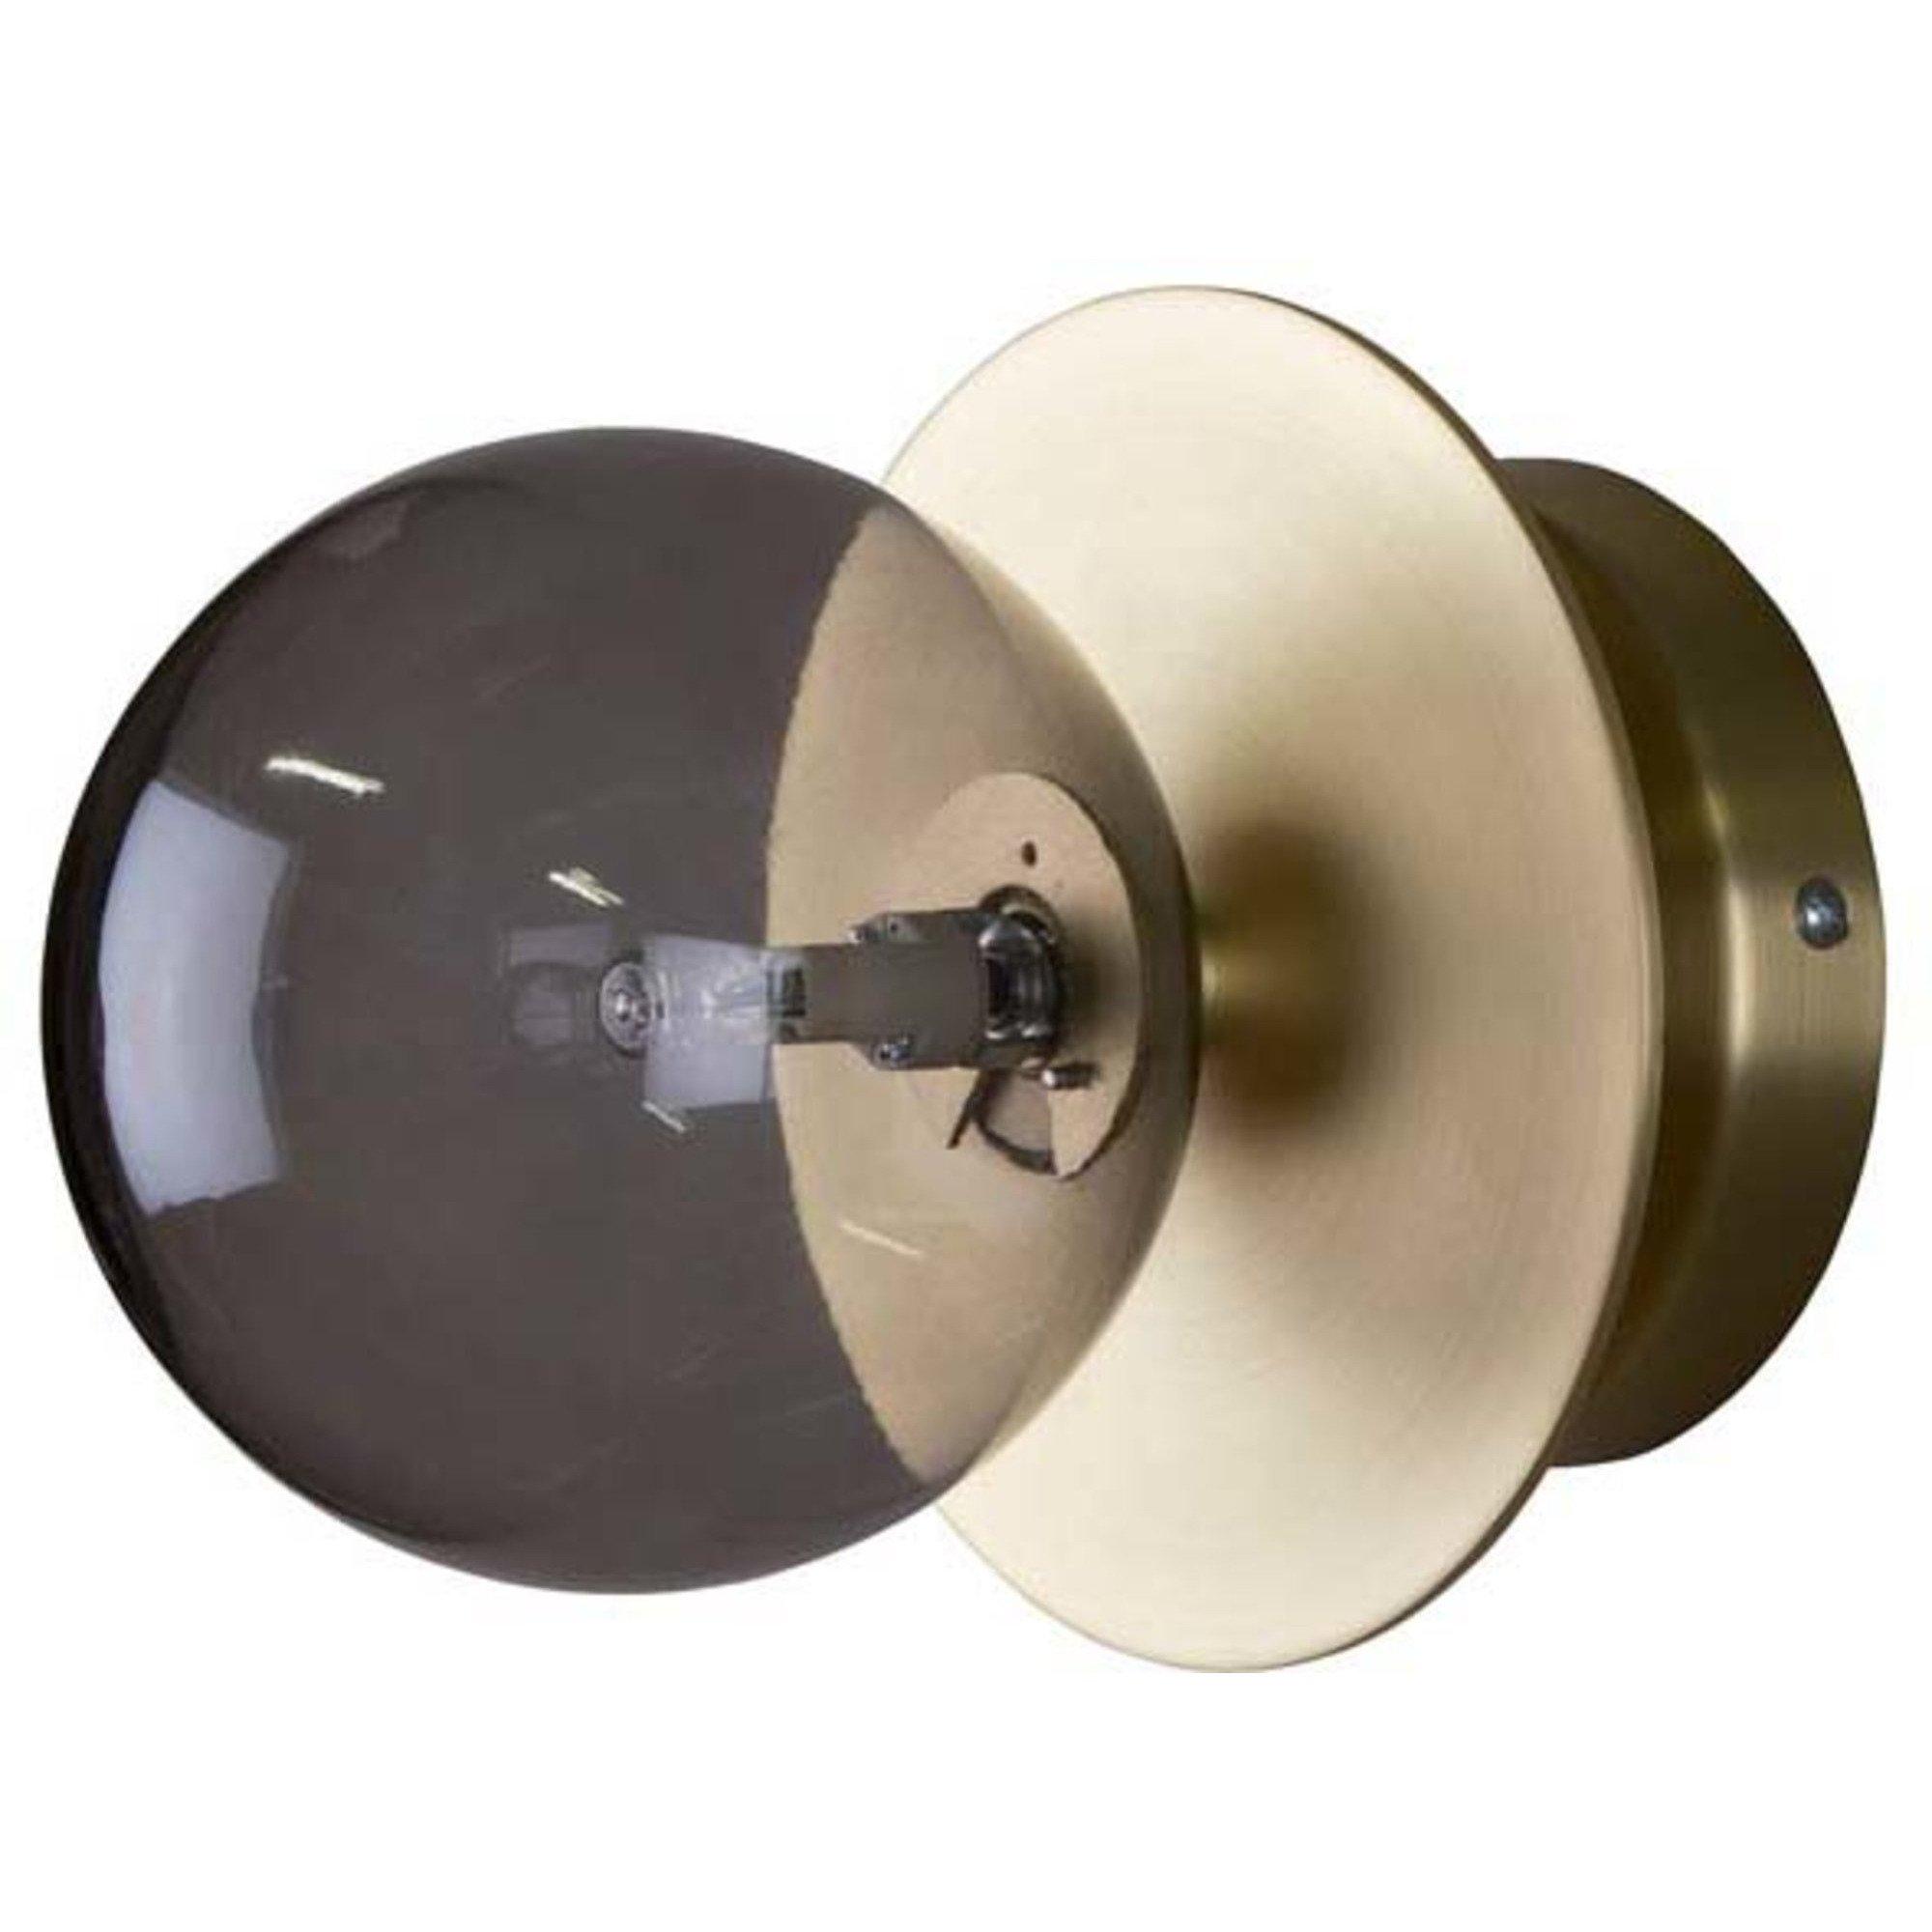 Globen Lighting Vägg / Plafond Art Deco IP Rök